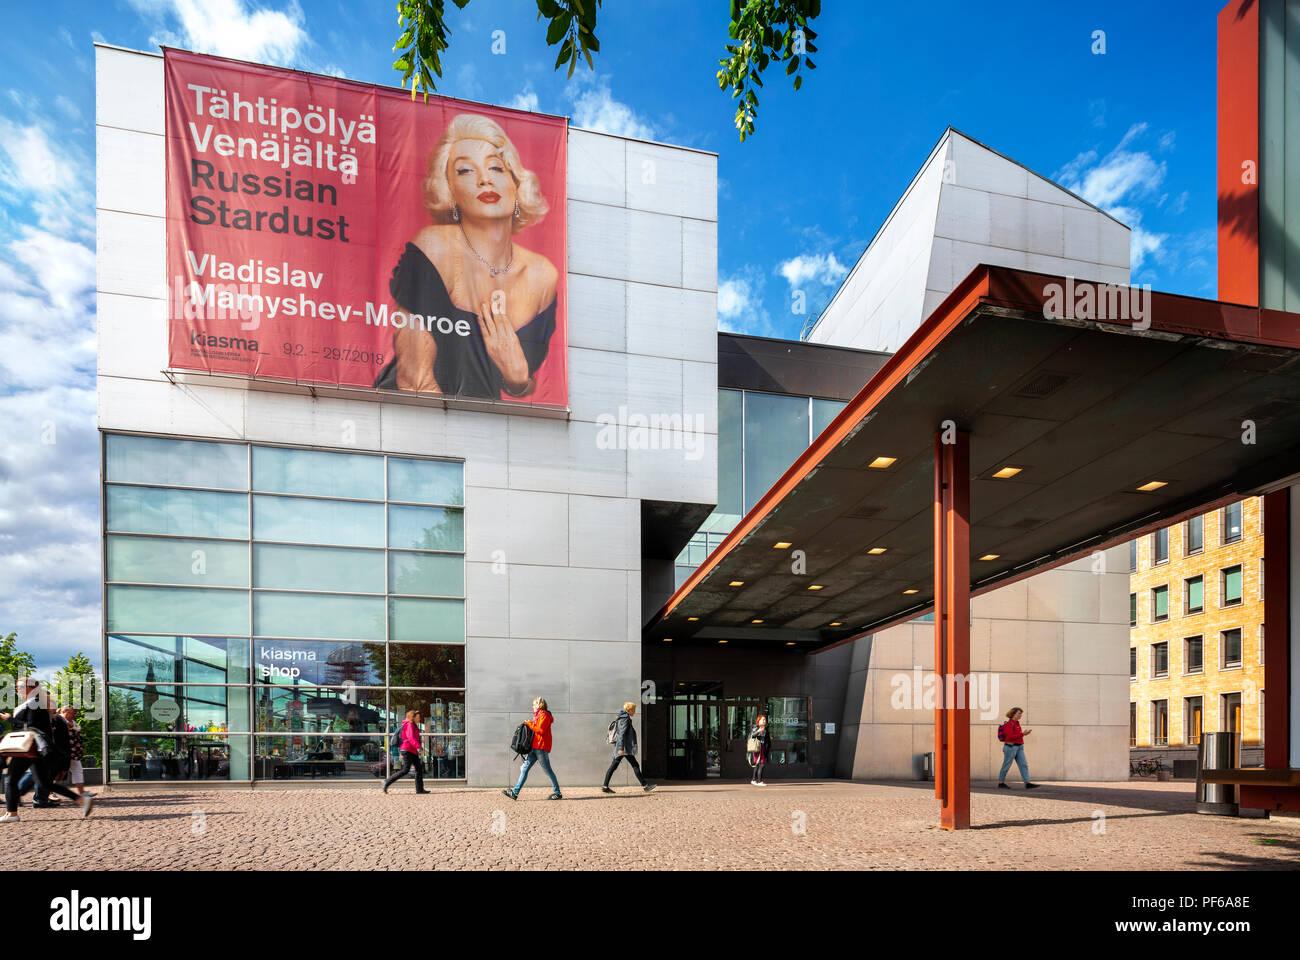 Musée Kiasma d'Helsinki de l'Art Contemporain avec entrée extérieure et la boutique du musée Kiasma et musée du café sur la gauche. Photo Stock